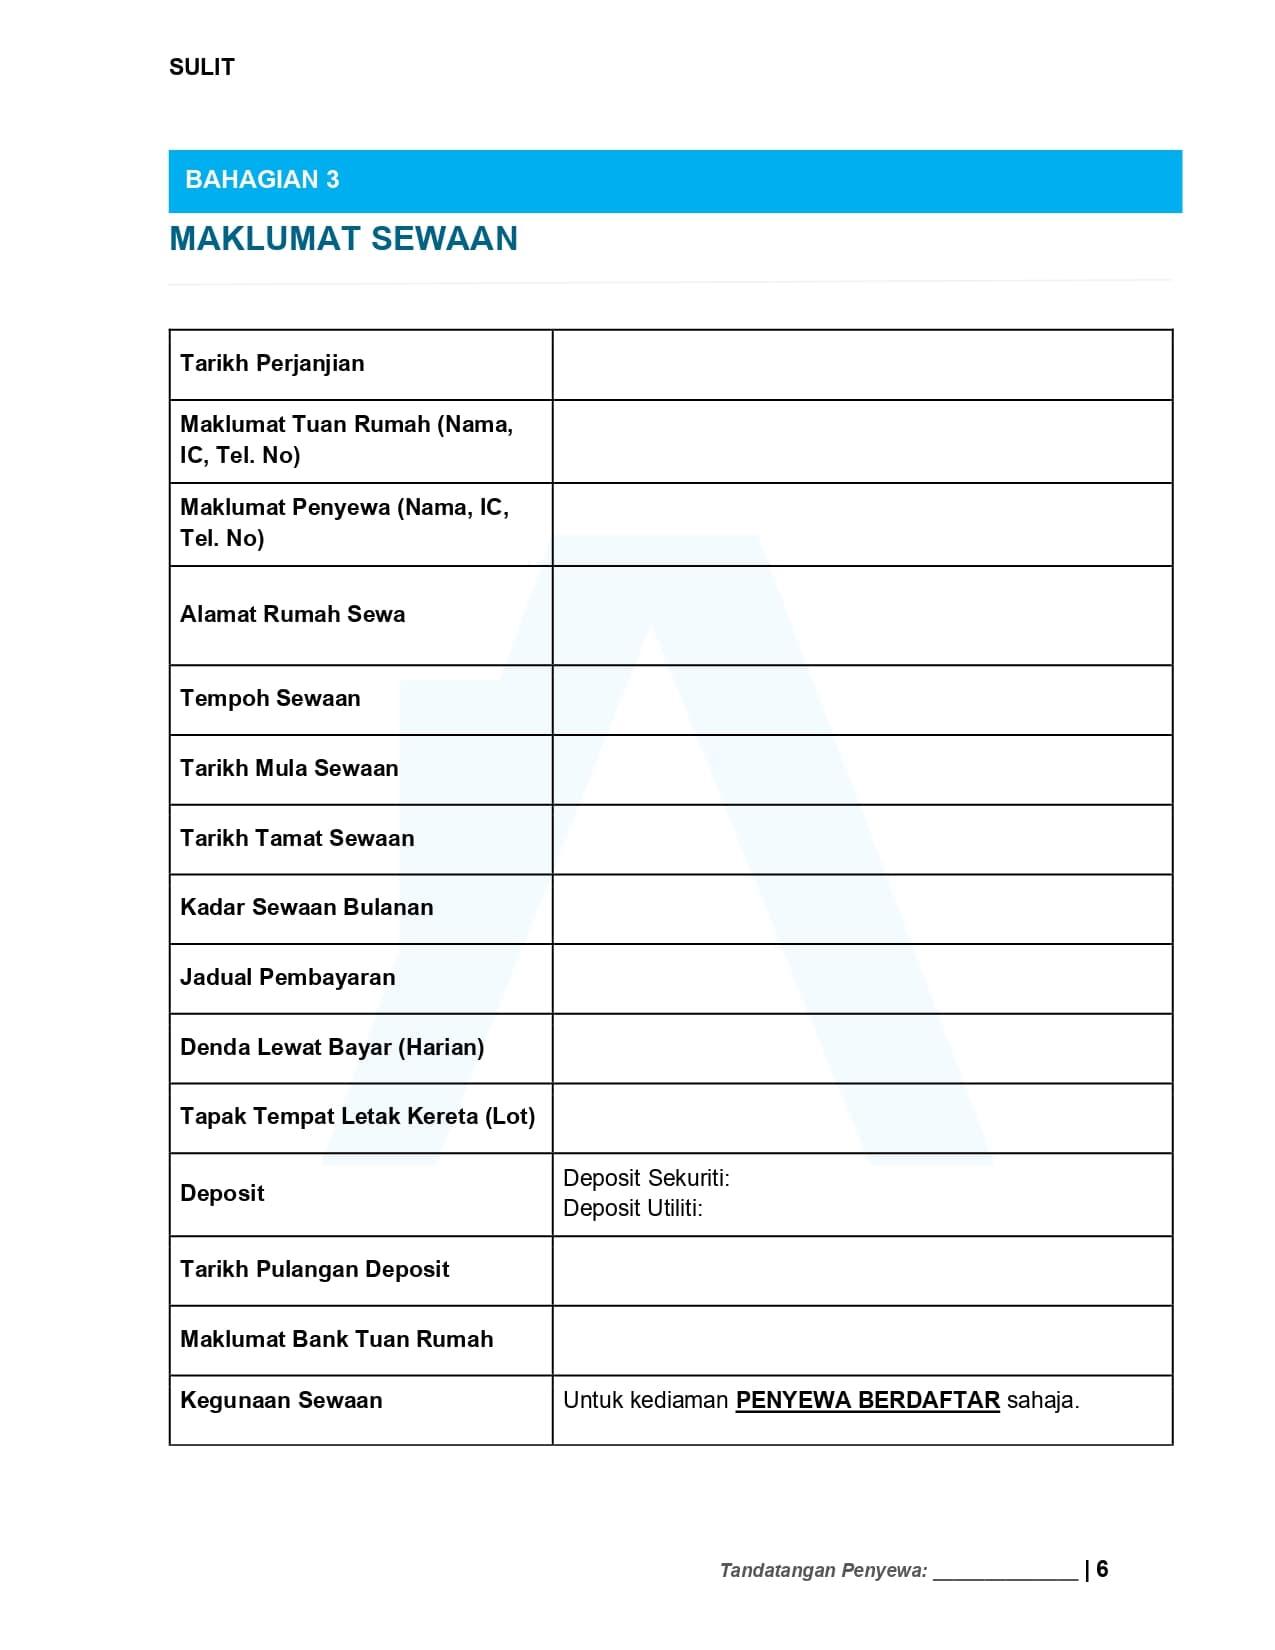 Maklumat Sewaan - Surat Perjanjian Sewa Rumah 2021 | Tenancy Agreement Malaysia